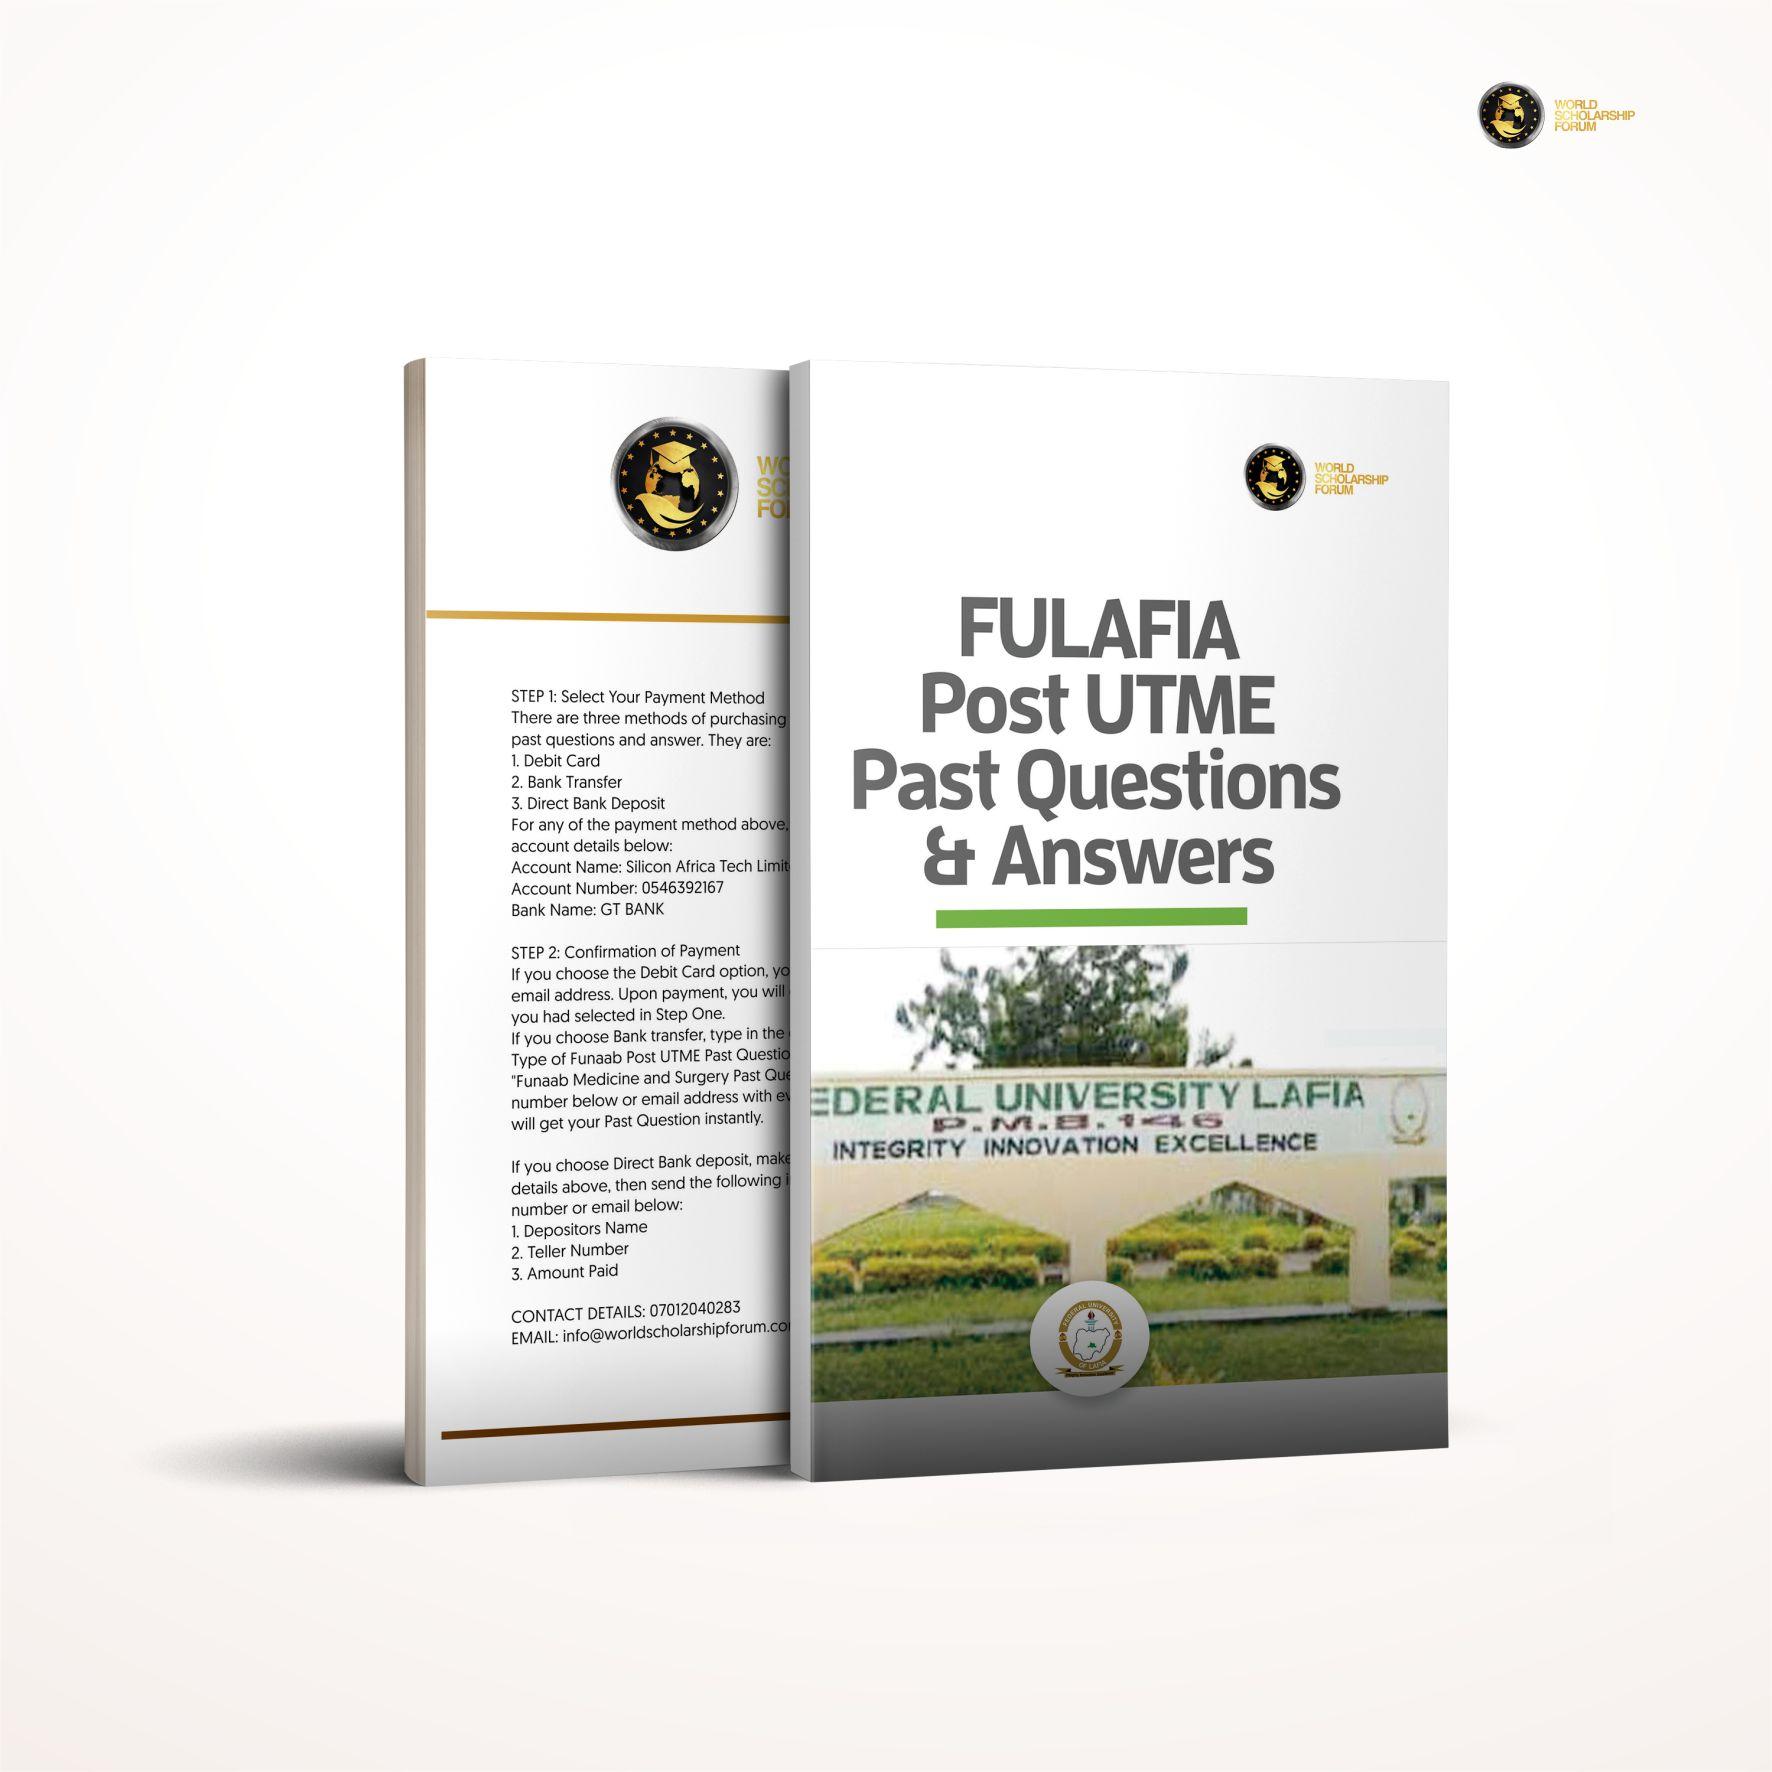 fulafia-post-utme-2020